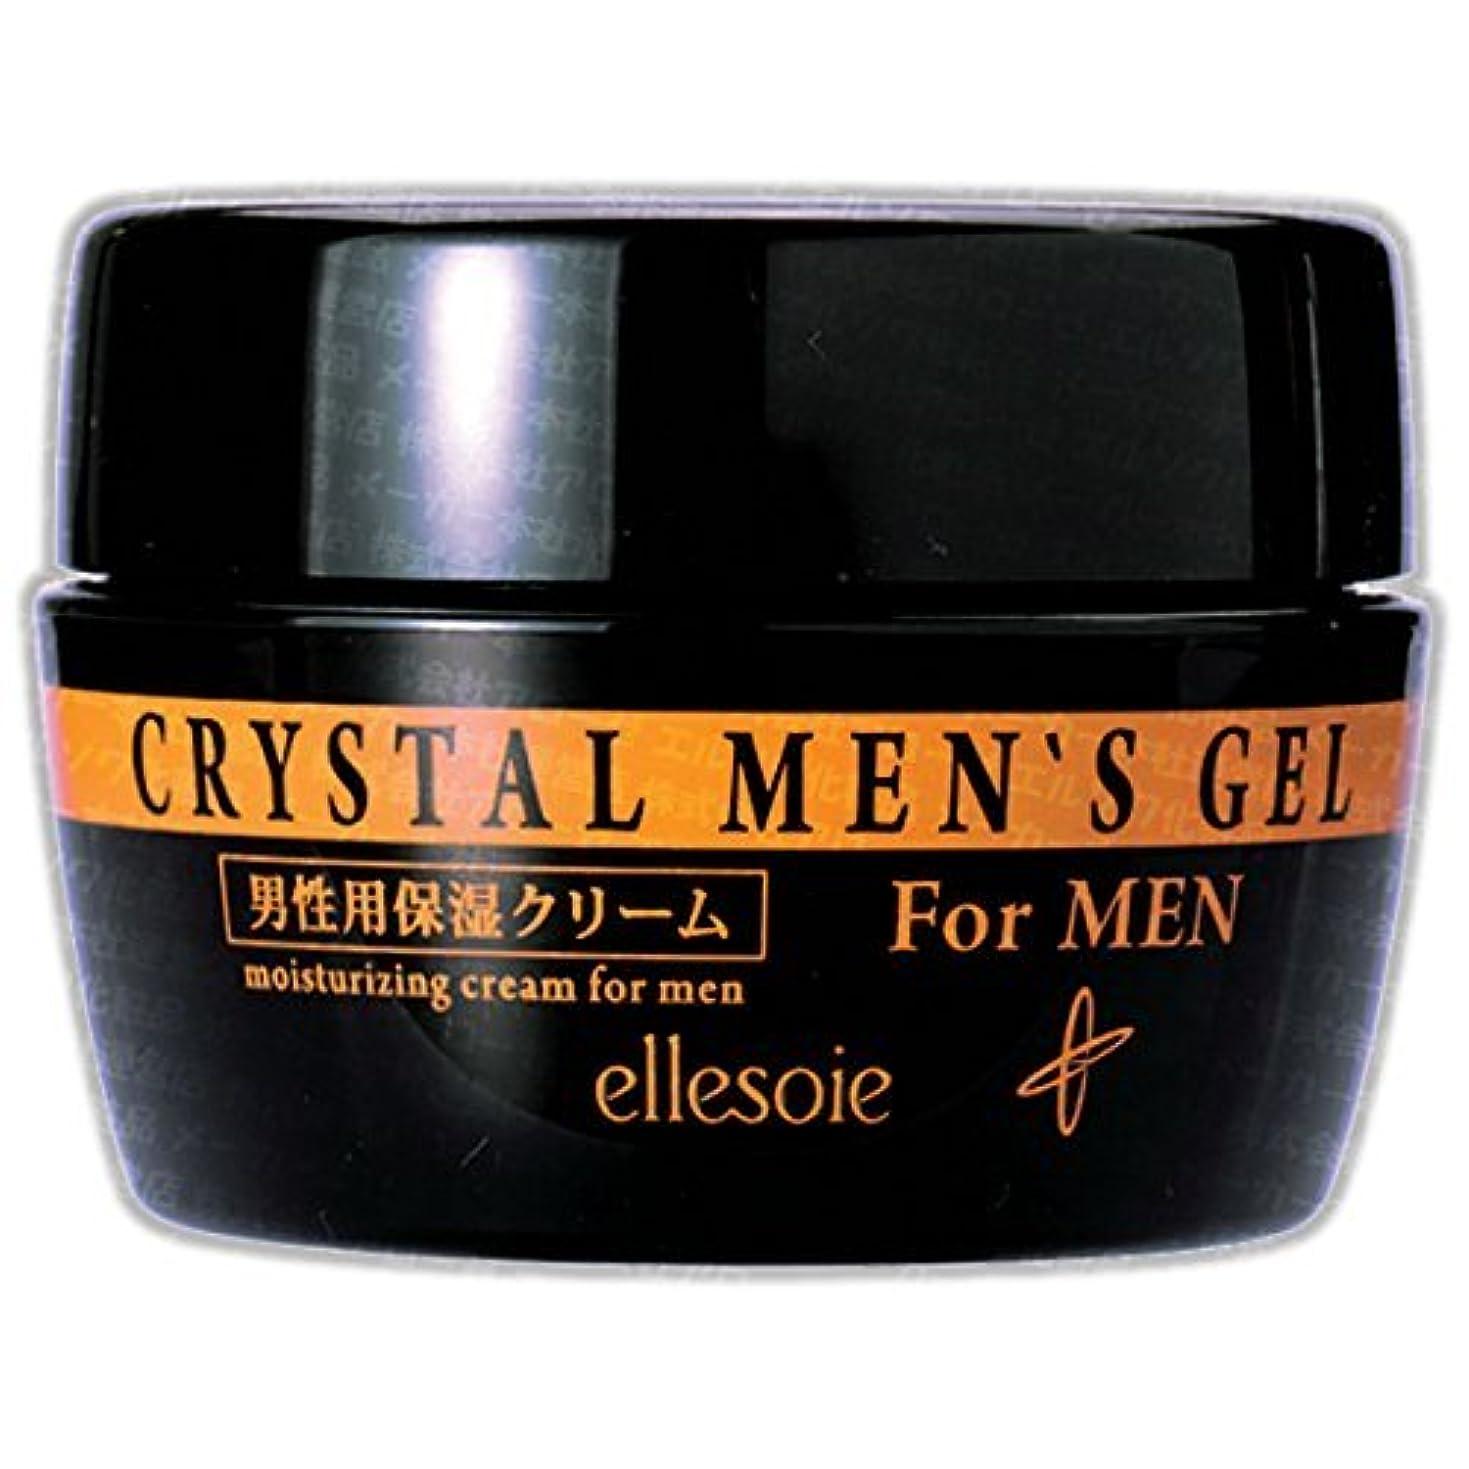 地上でサーフィン成長エルソワ化粧品(ellesoie) クリスタル メンズゲル 男性向けオールインワン